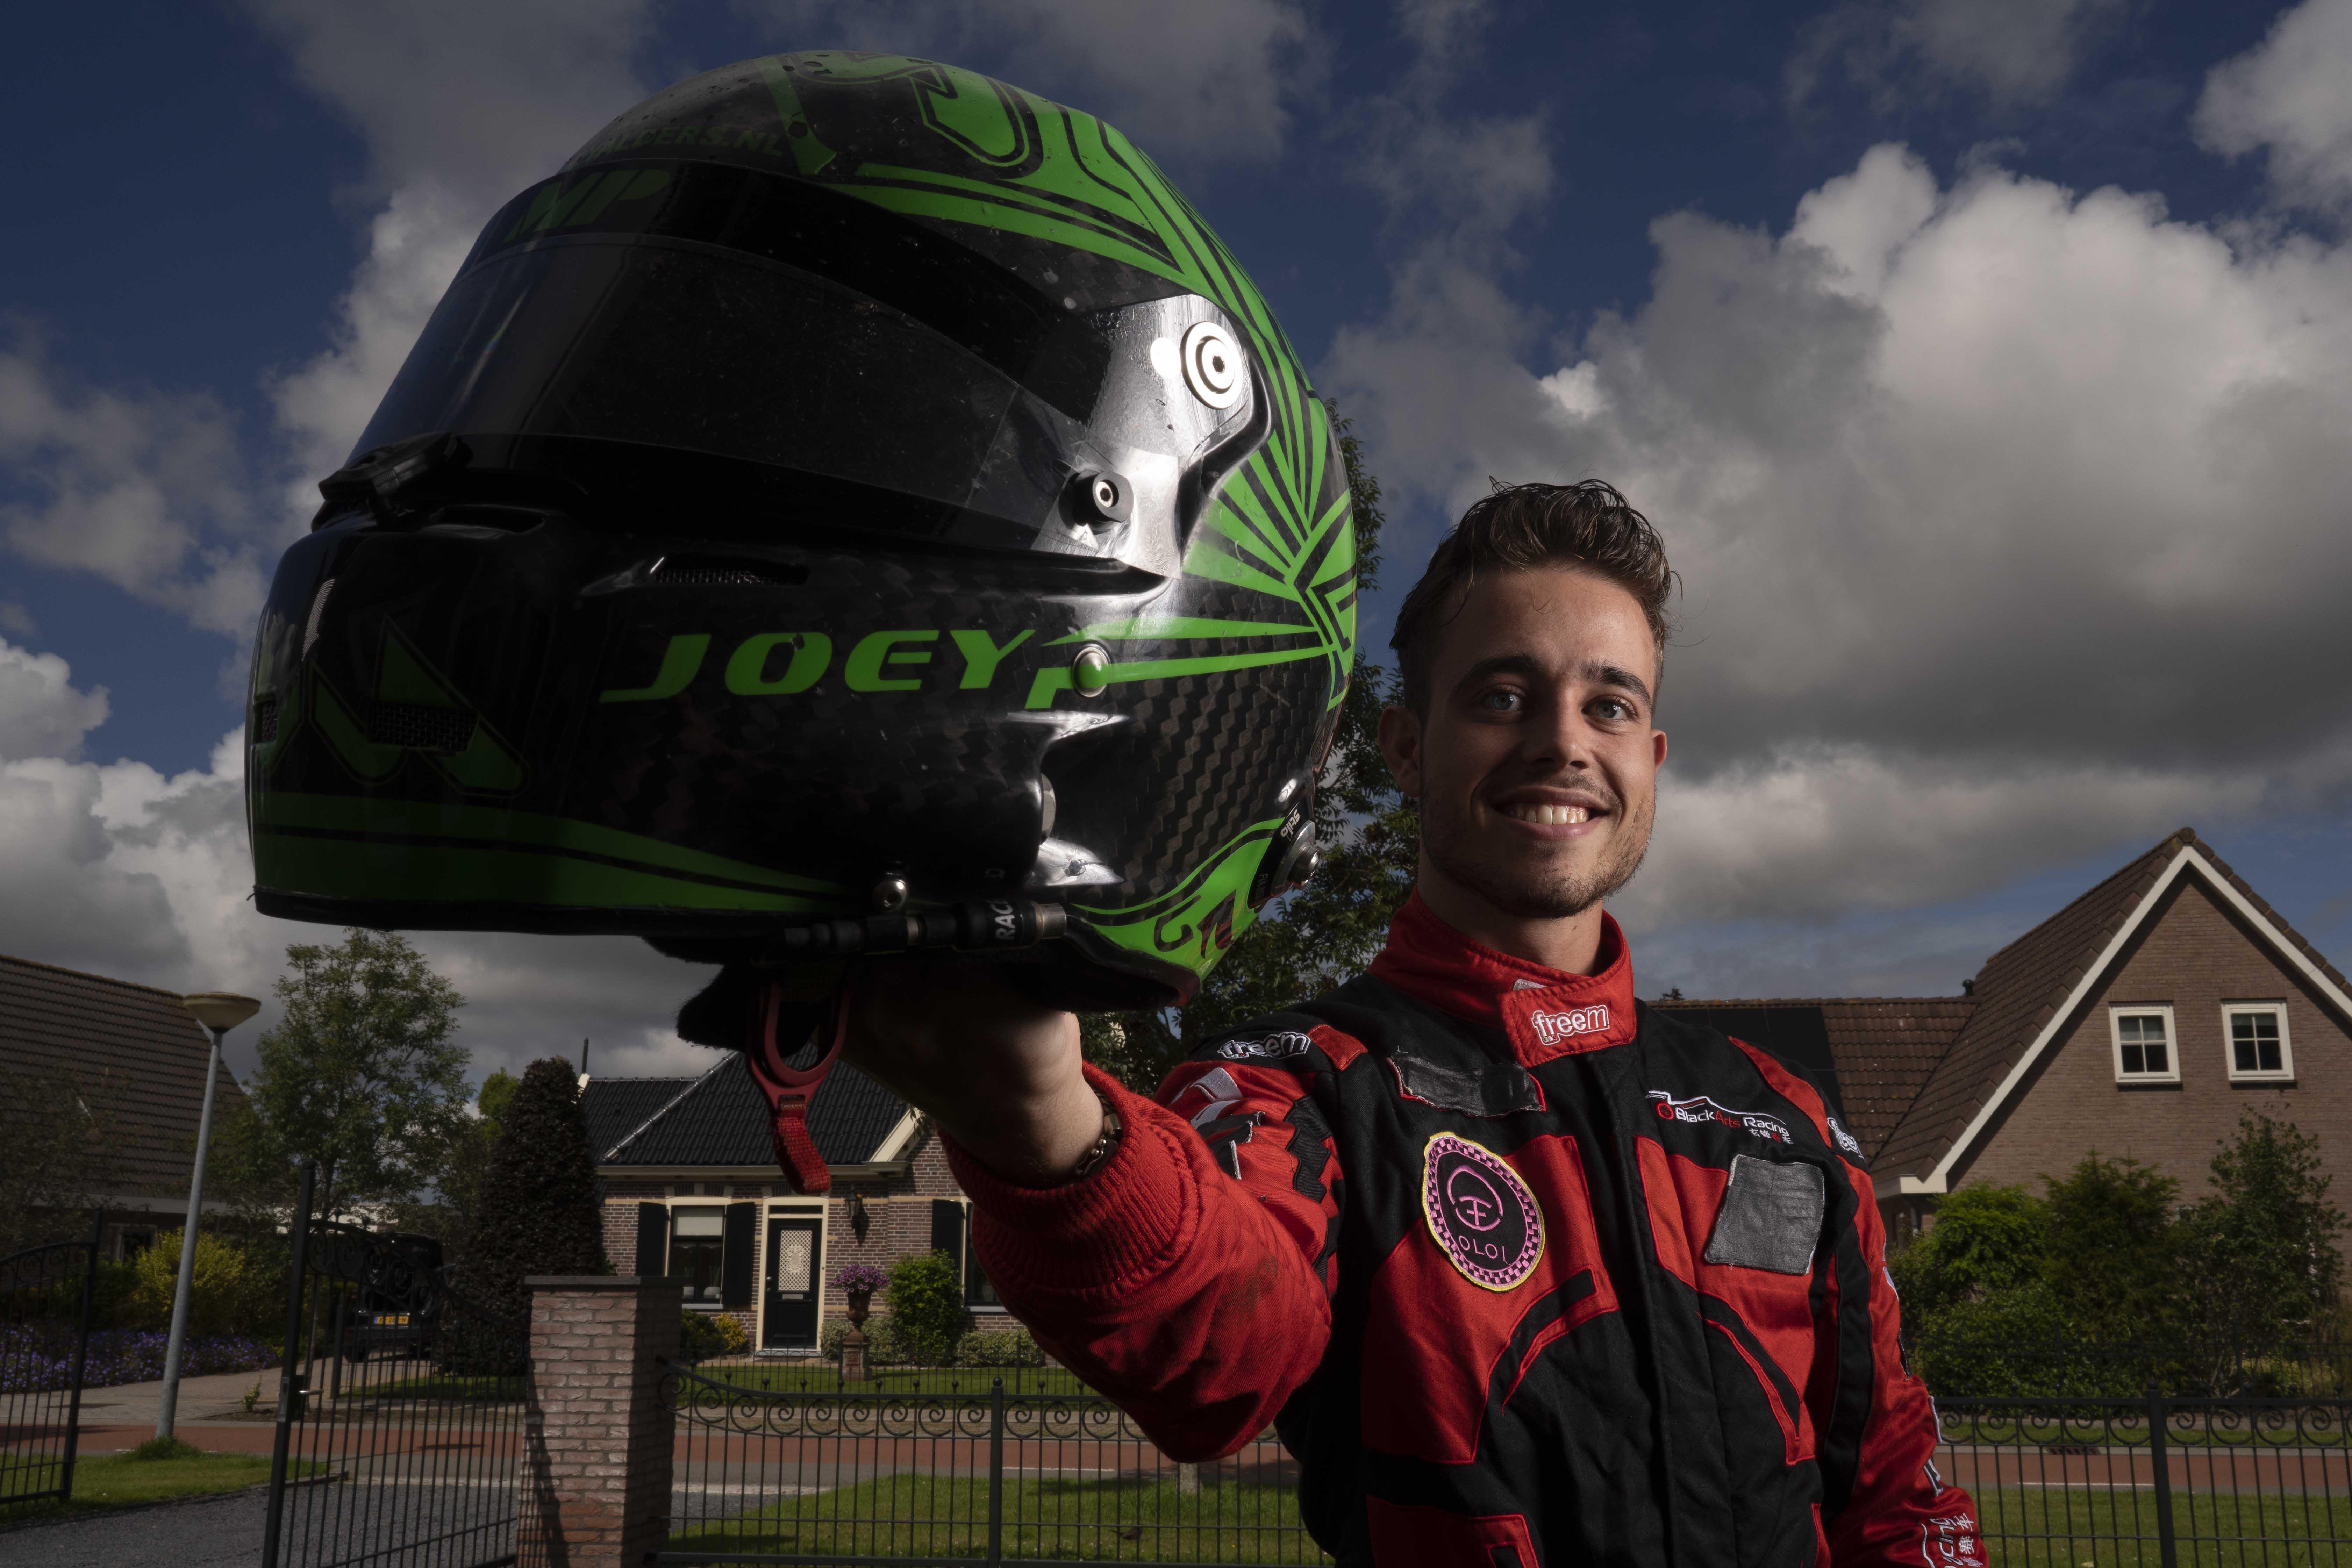 Coureur Joey Alders reed iedereen op een hoop in Azië maar de Formule 1-teams hebben nog niet gebeld. 'Formule 1-testrijders zijn verslagen door mij, een of andere pannenkoek uit Anna Paulowna'